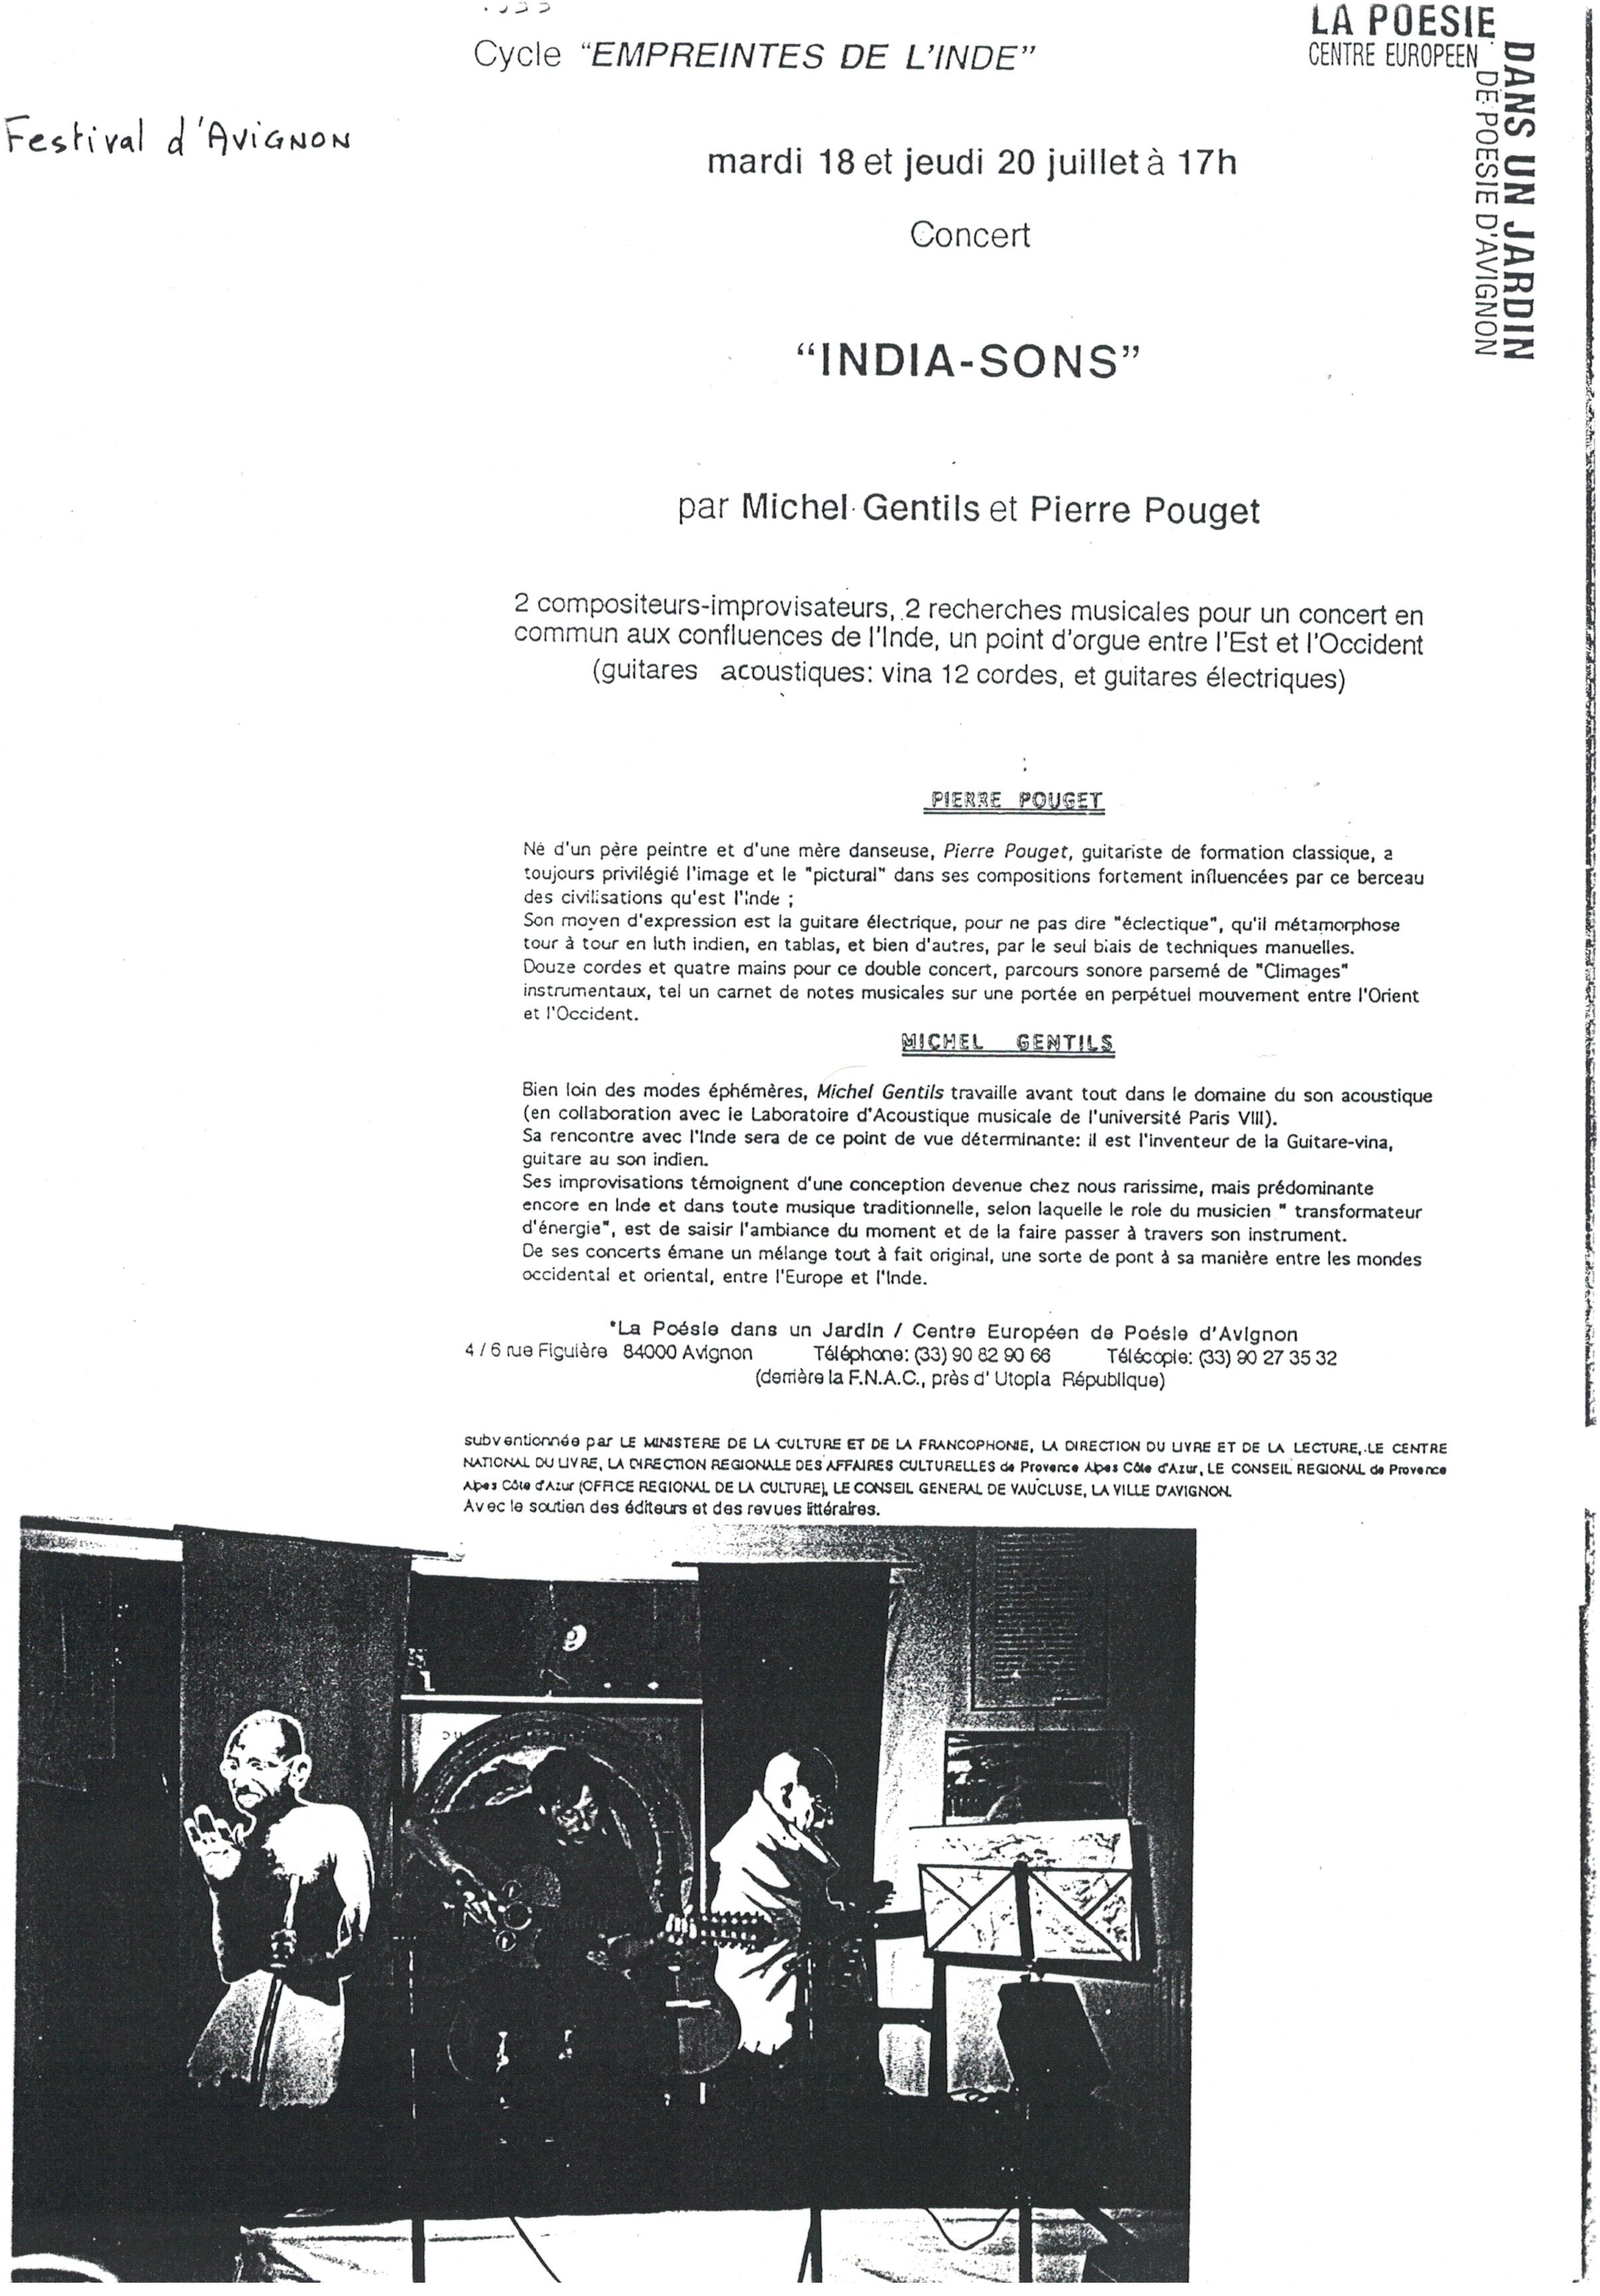 Festival d'Avignon avec Pierre POUGET pour le spectacle India-Sons